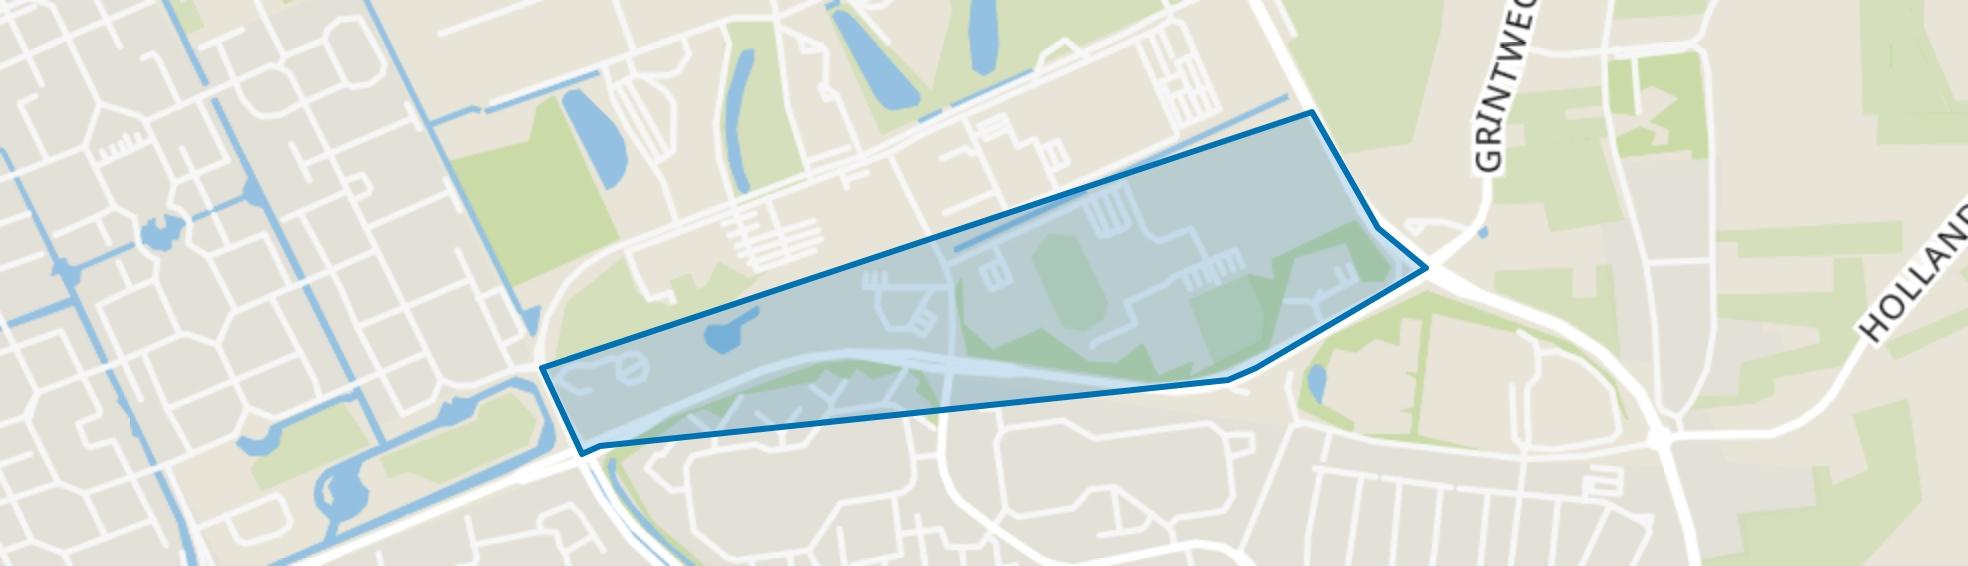 De Blauwe Bergen en de Bongerd, Wageningen map